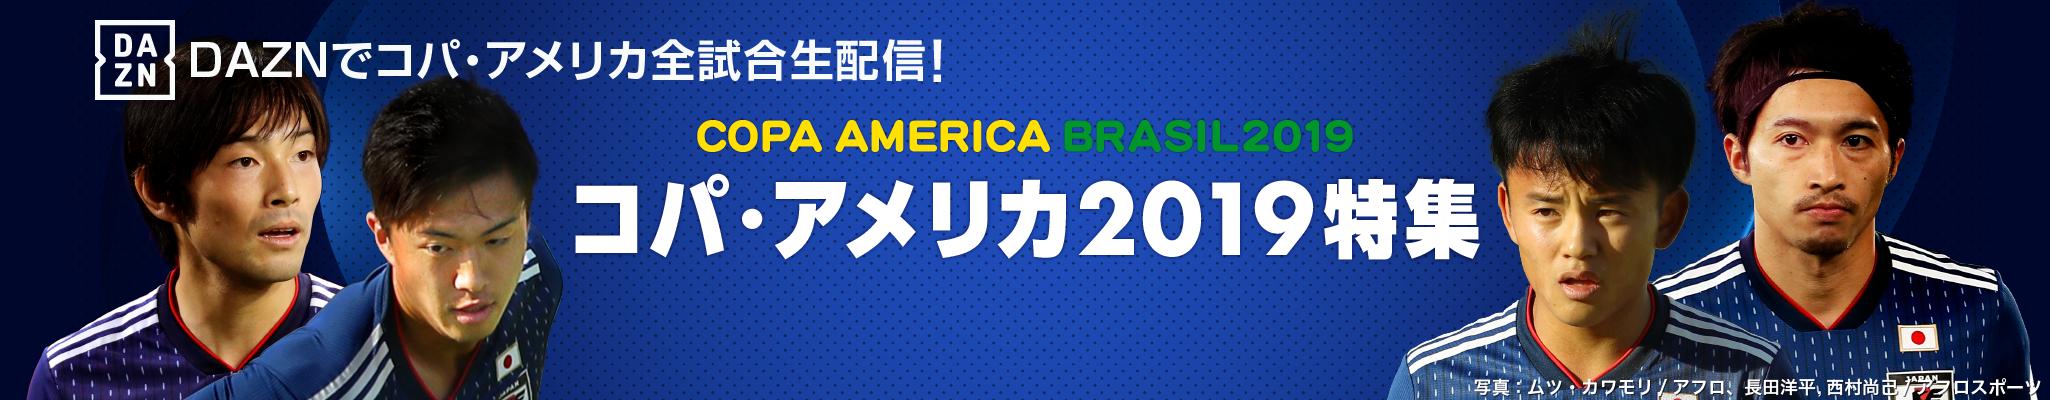 コパ・アメリカ2019特集